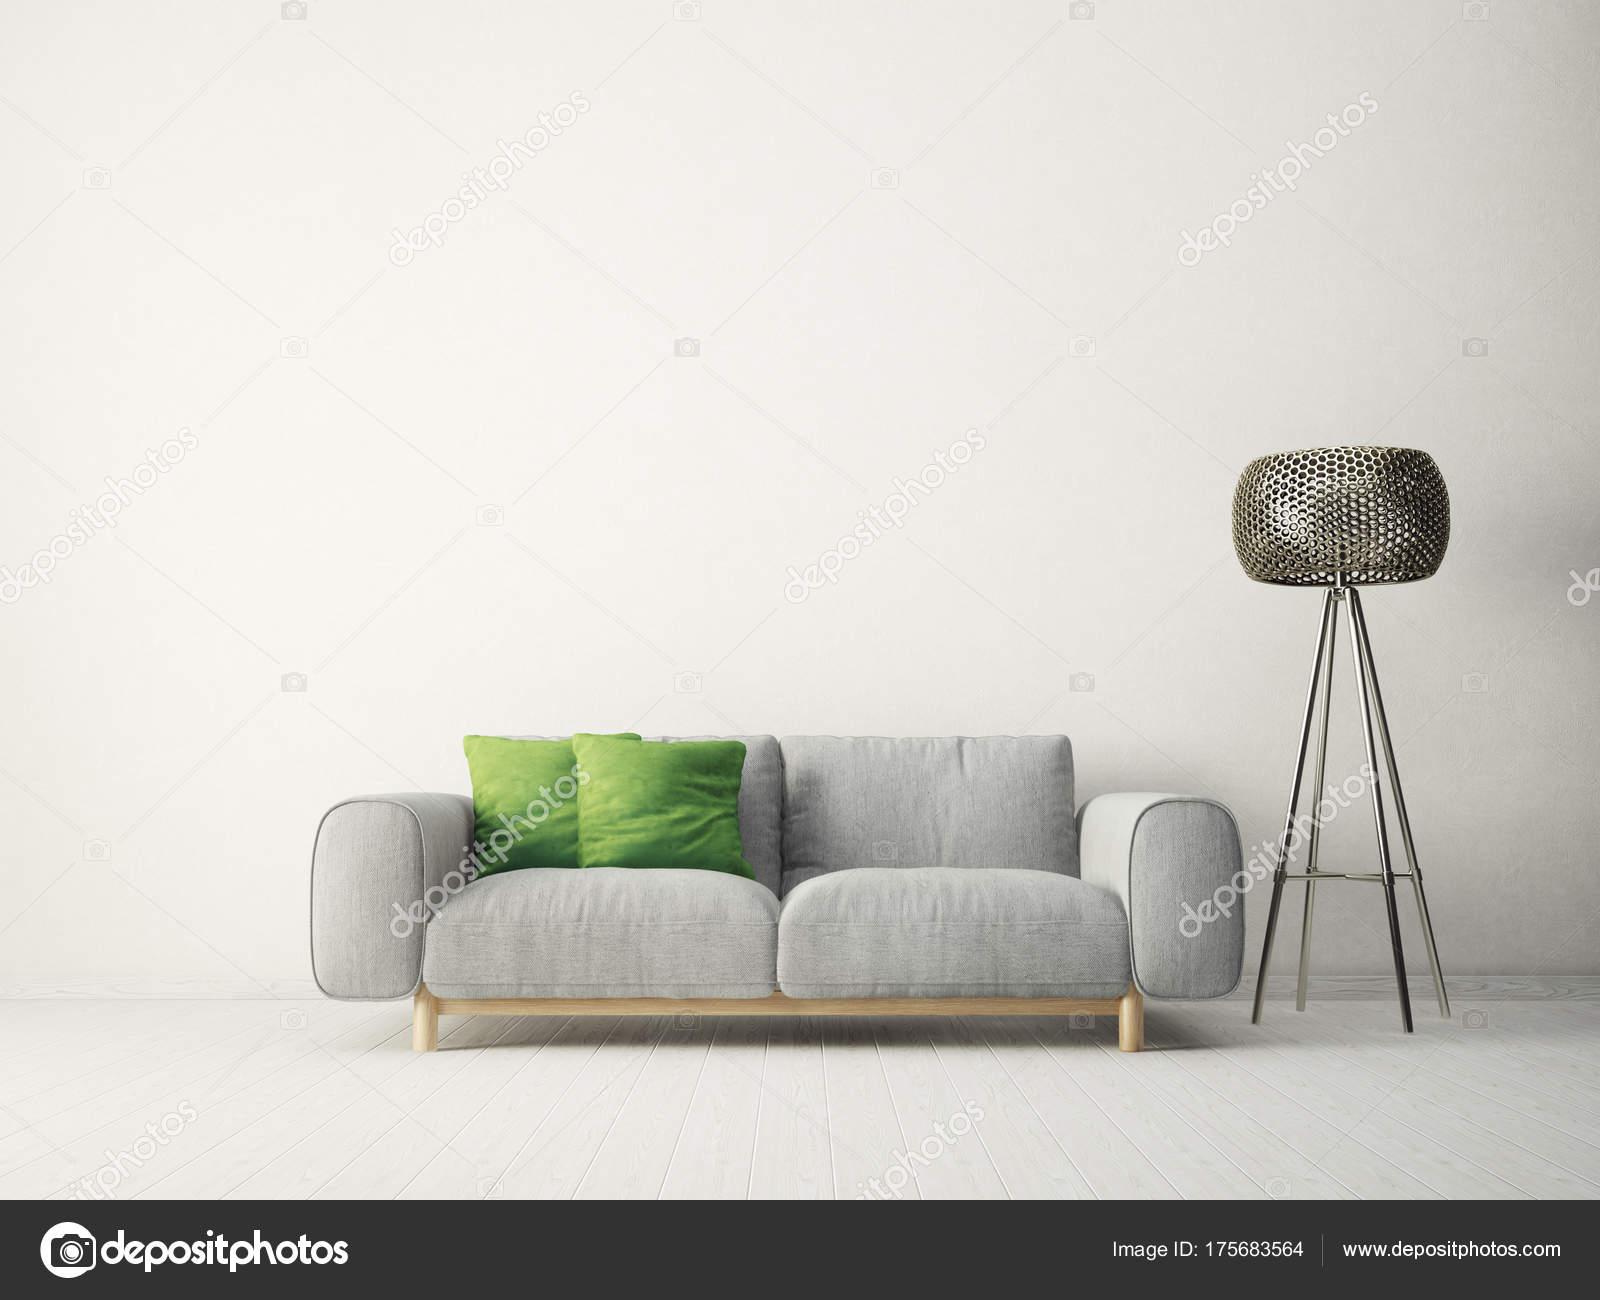 Modernes Wohnzimmer Mit Sofa Grünen Kissen Und Lampe Skandinavische  Innenarchitektur U2014 Stockfoto